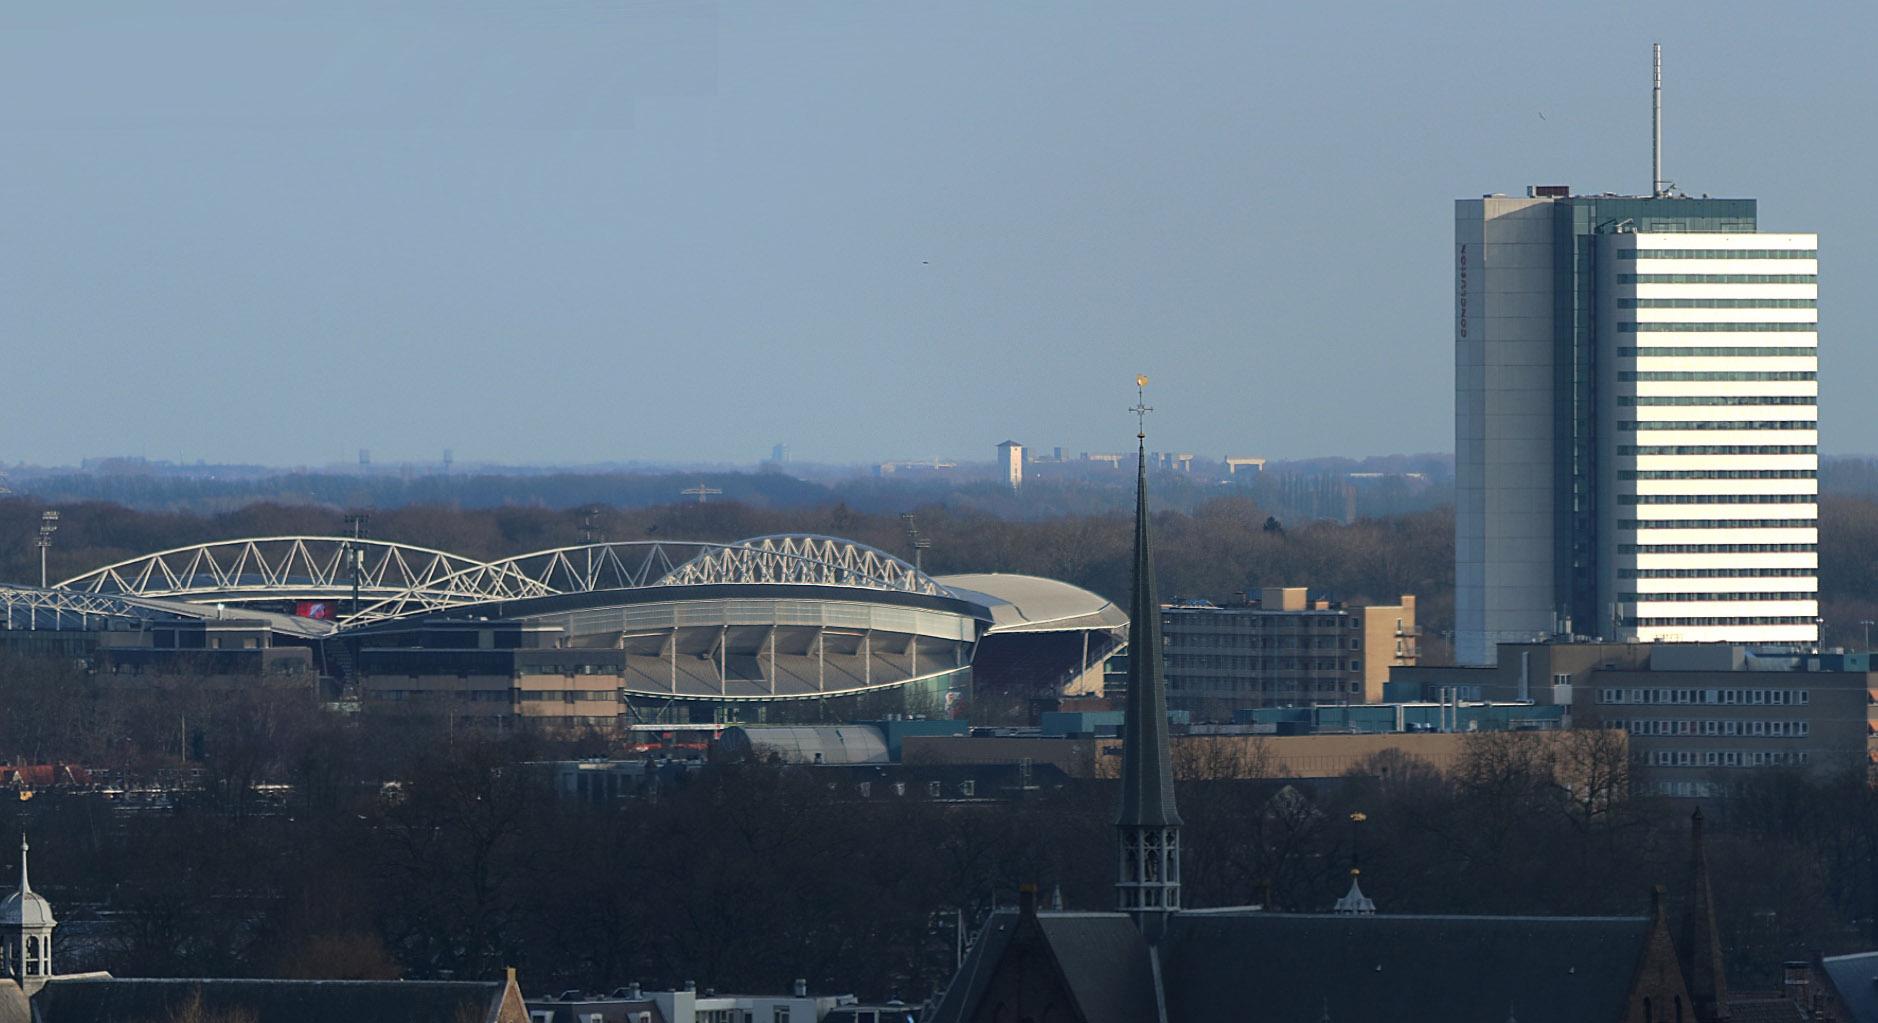 Utrecht Stadium and Wijk bij Duurstede